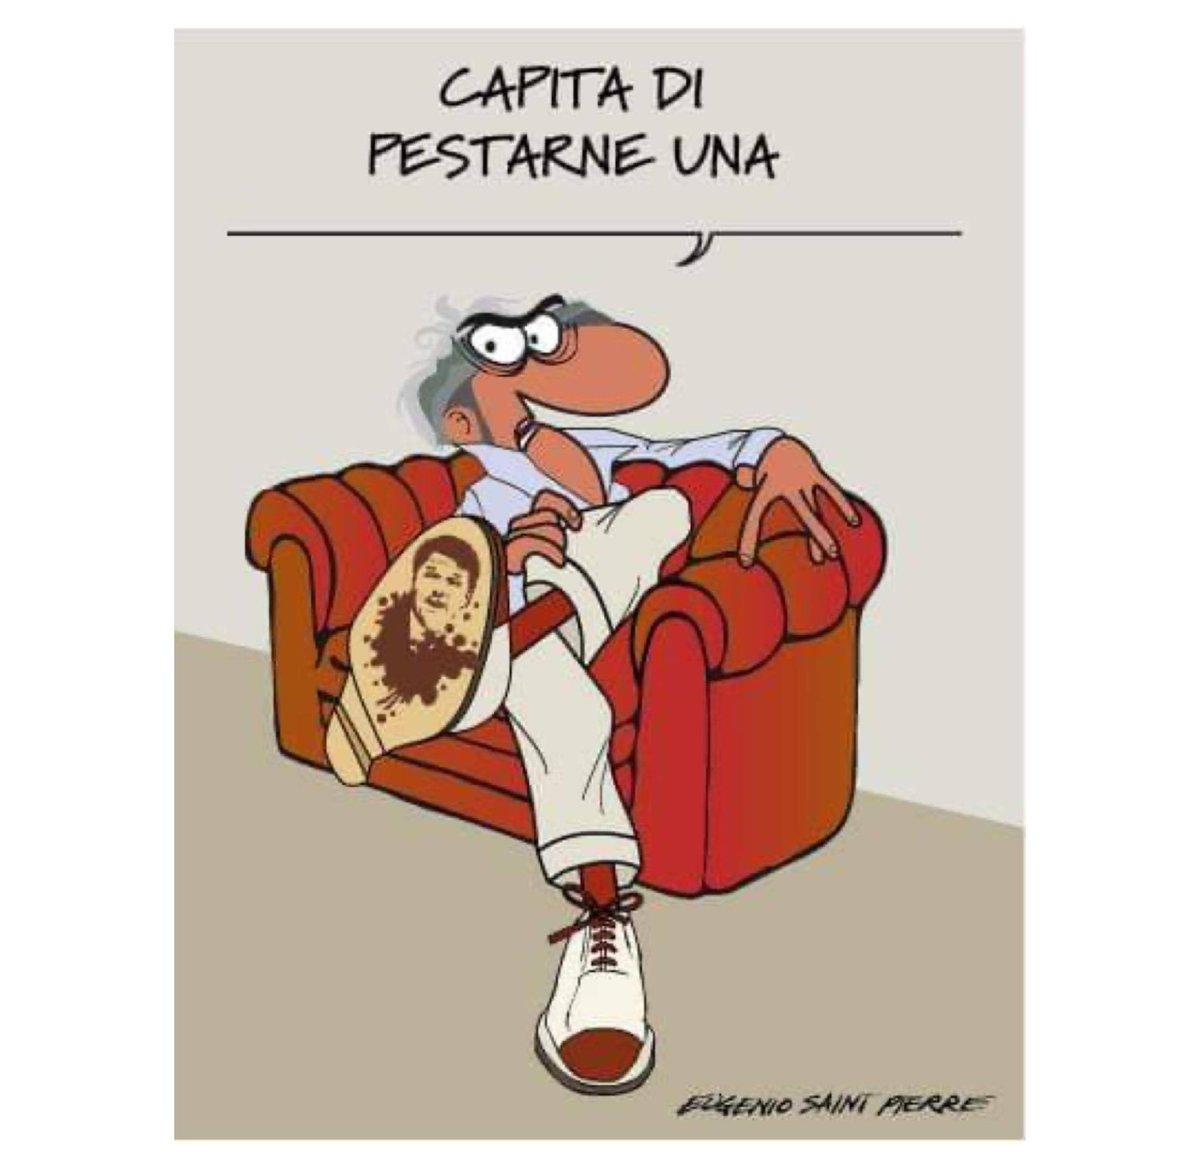 Il narcisismo e la smania di potere hanno indotto #Renzi ad un azzardo di troppo  E oggi gli toccano i giudizi che merita  C'è chi lo fa senza mezzi termini, come Eugenio Saint Pierr  #crisidigoverno  #vignettistiperlacostituzione 🇮🇹